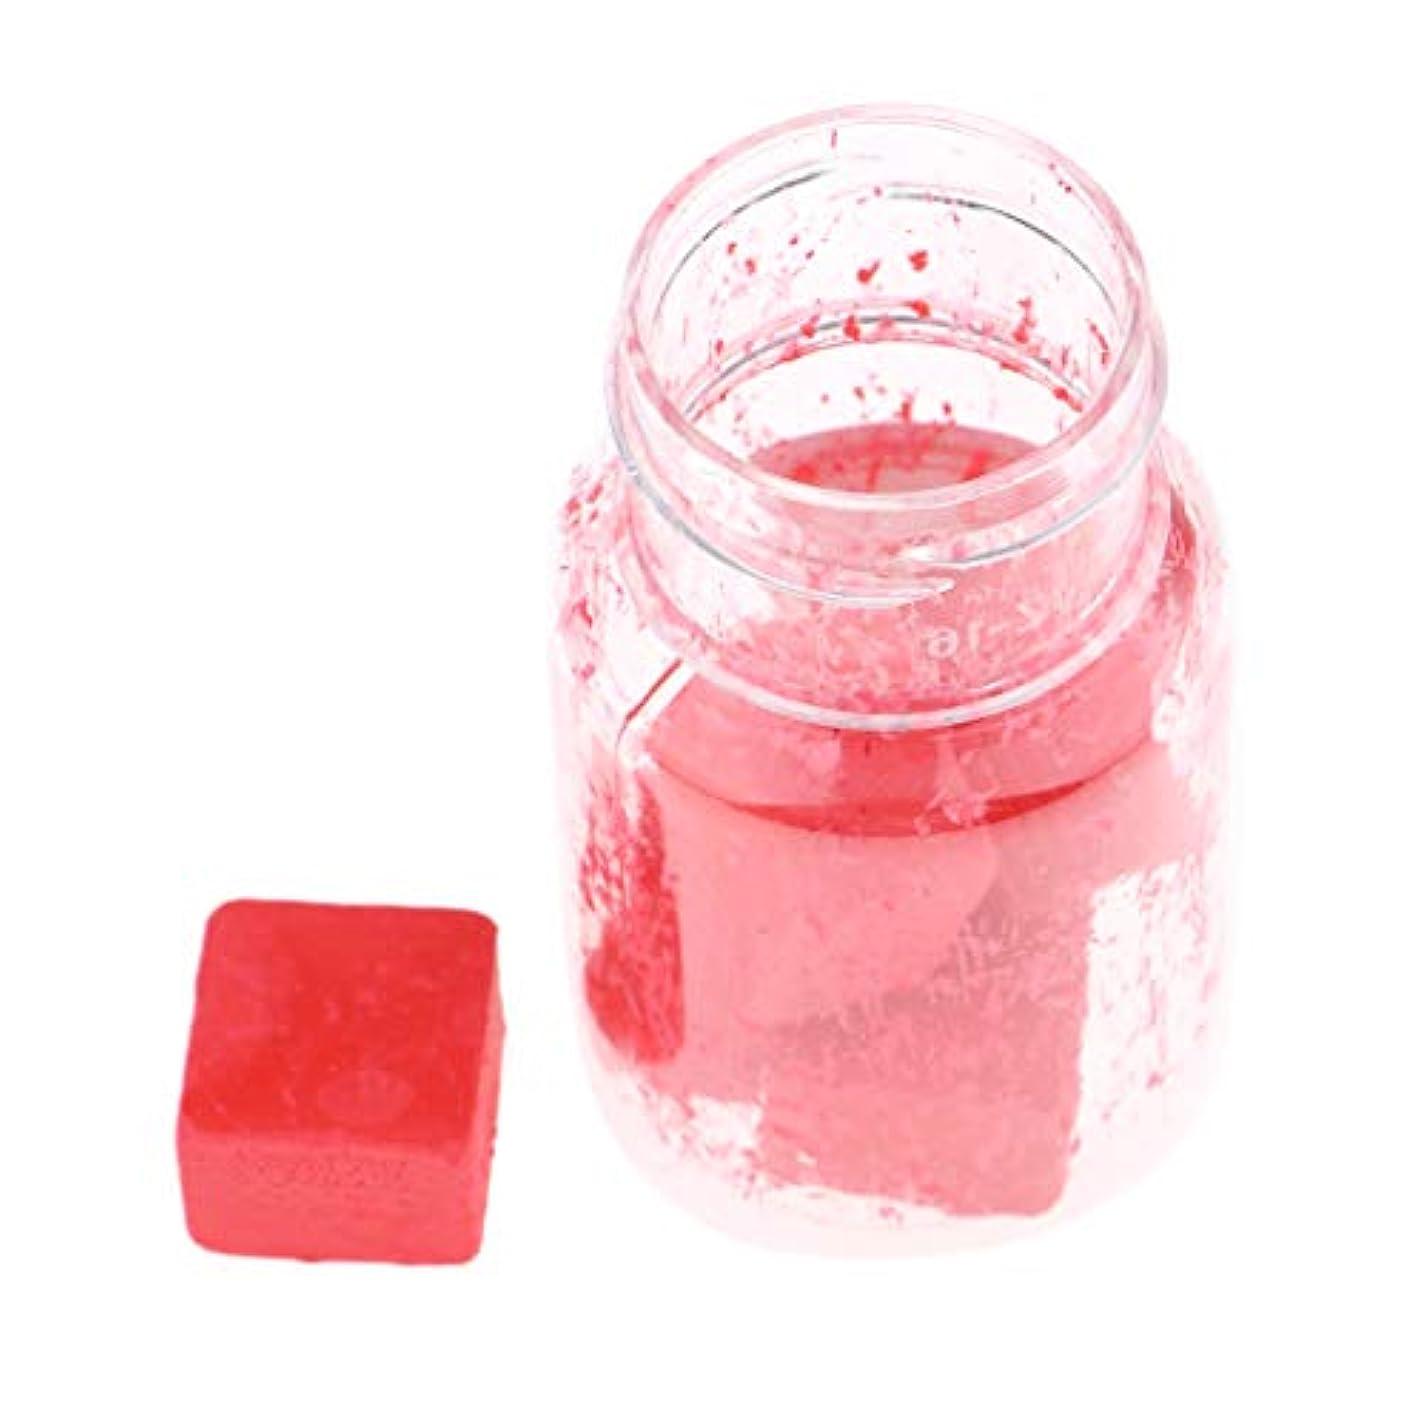 管理する時折リットルCUTICATE 口紅の原料 リップスティック顔料 DIYリップライナー DIY工芸品 9色選択でき - I